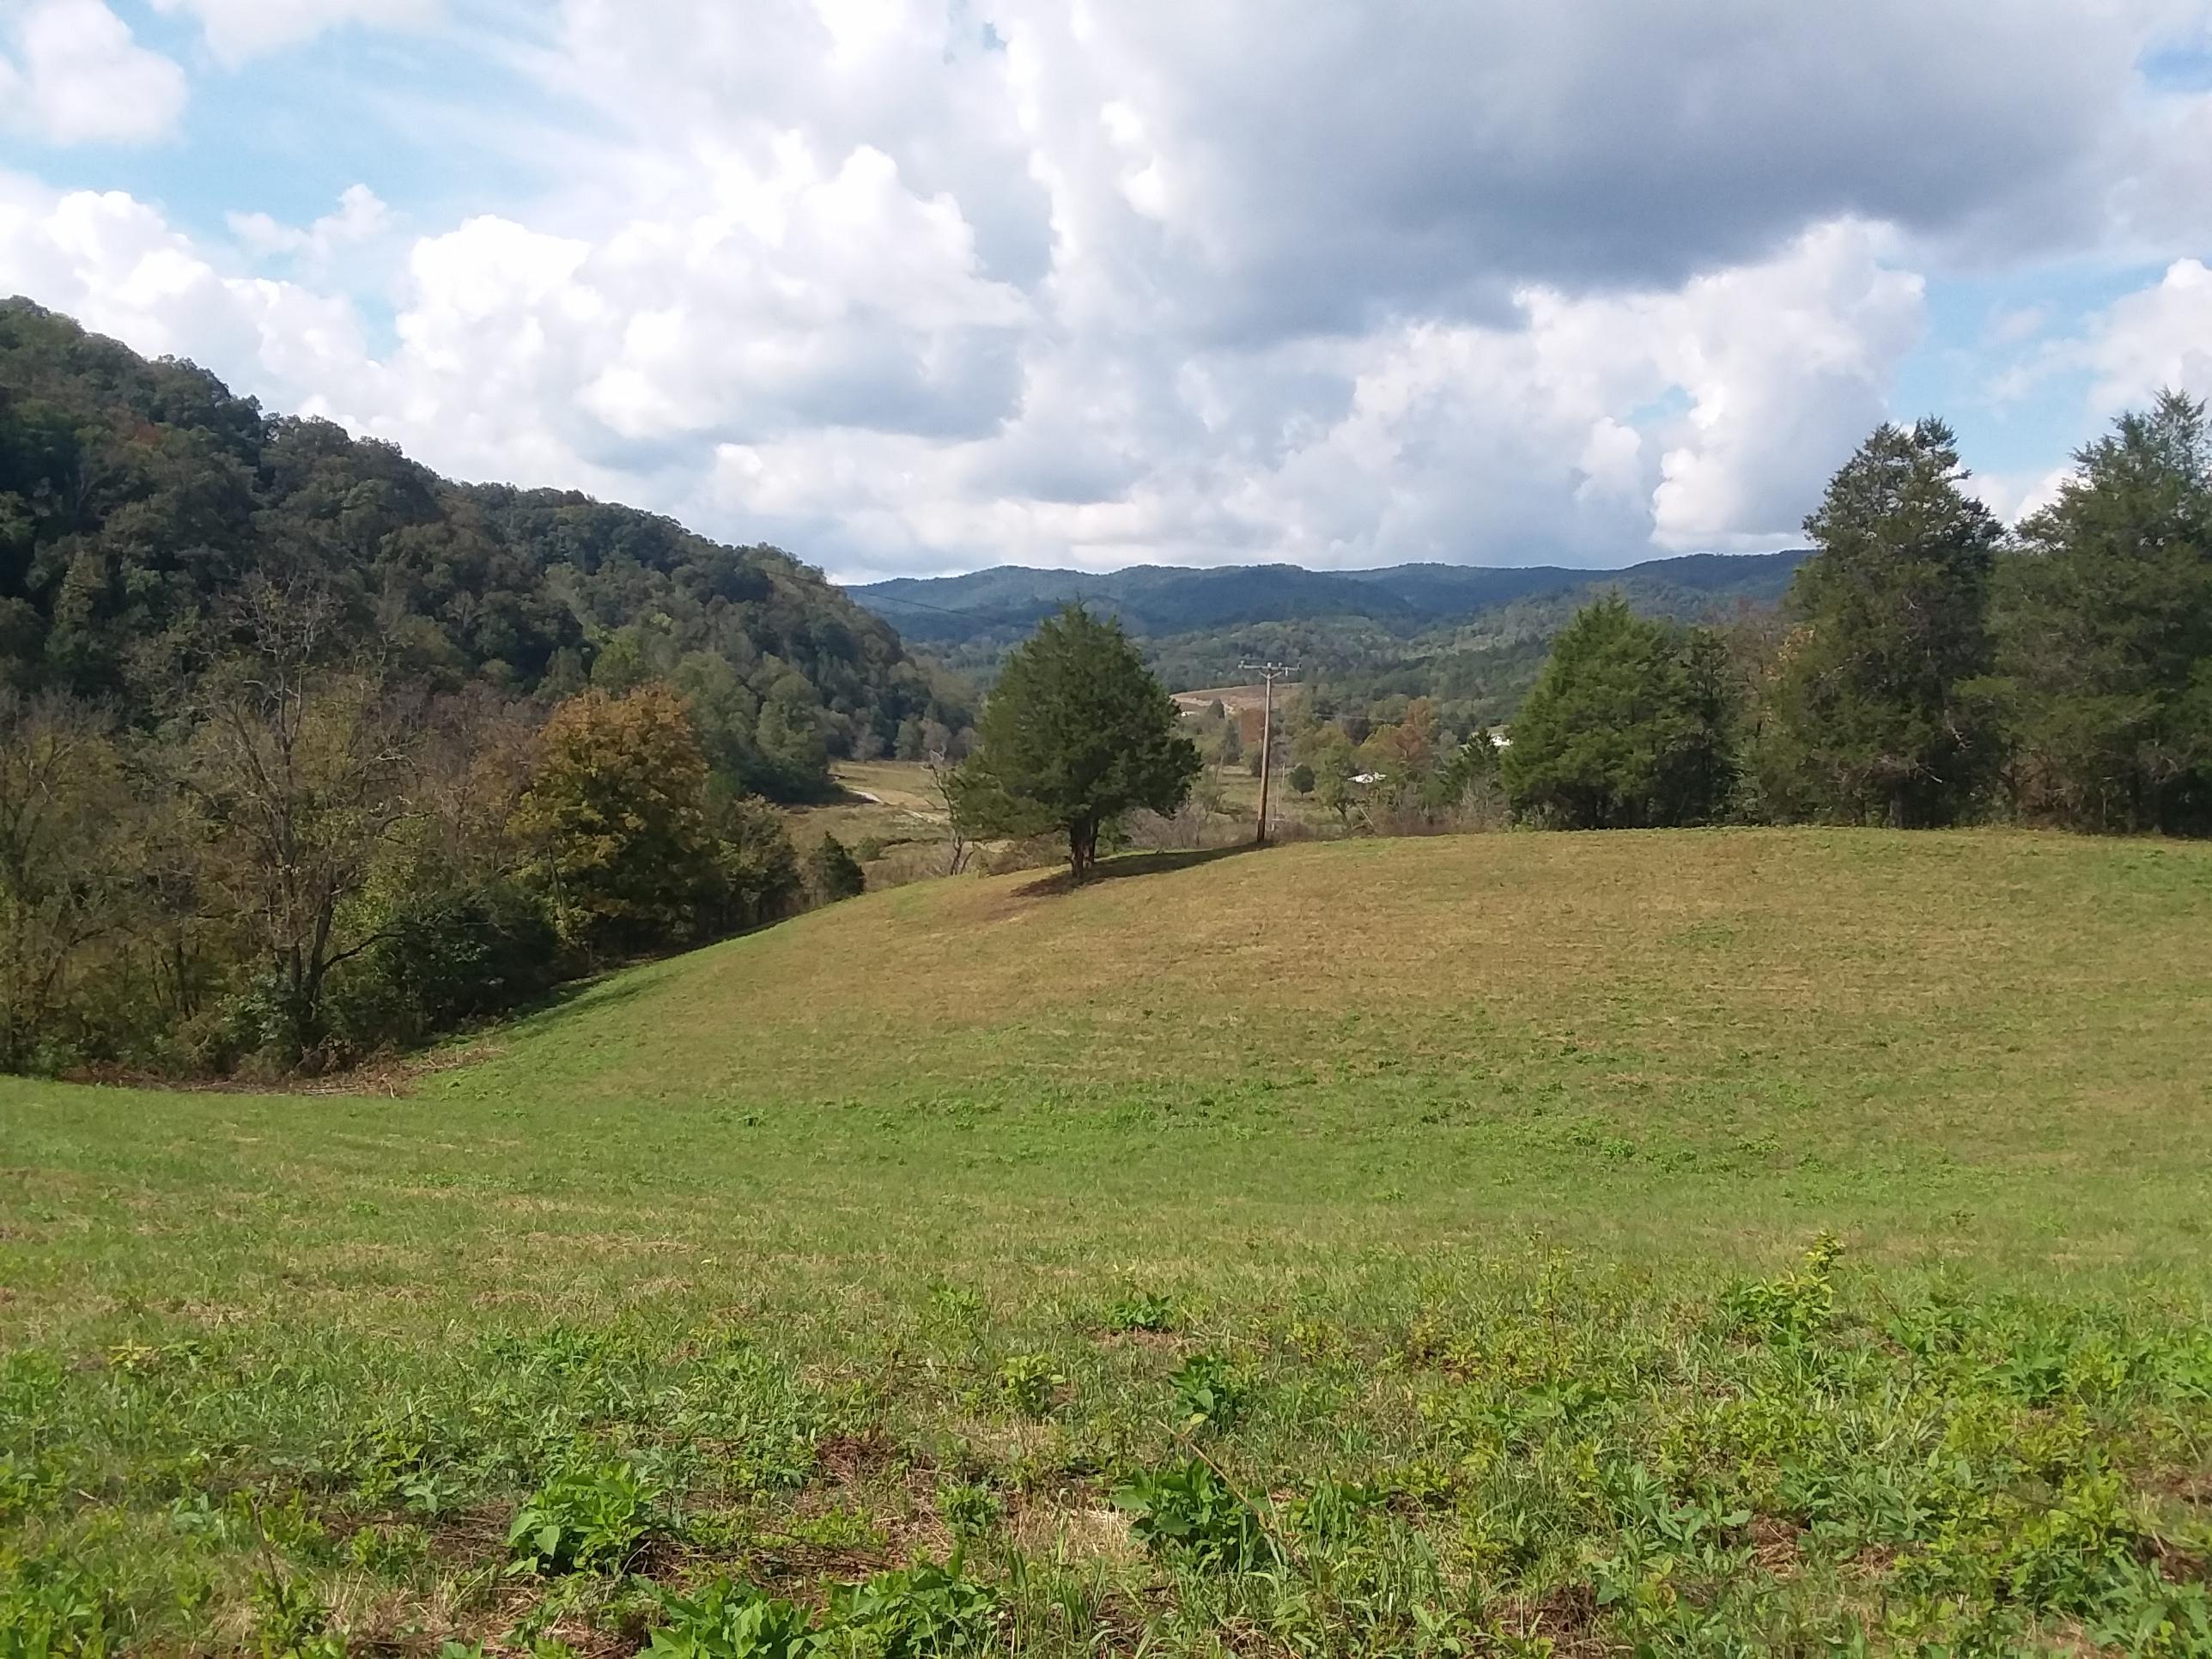 000 Tazewell Hwy Hwy, Sneedville, TN 37869